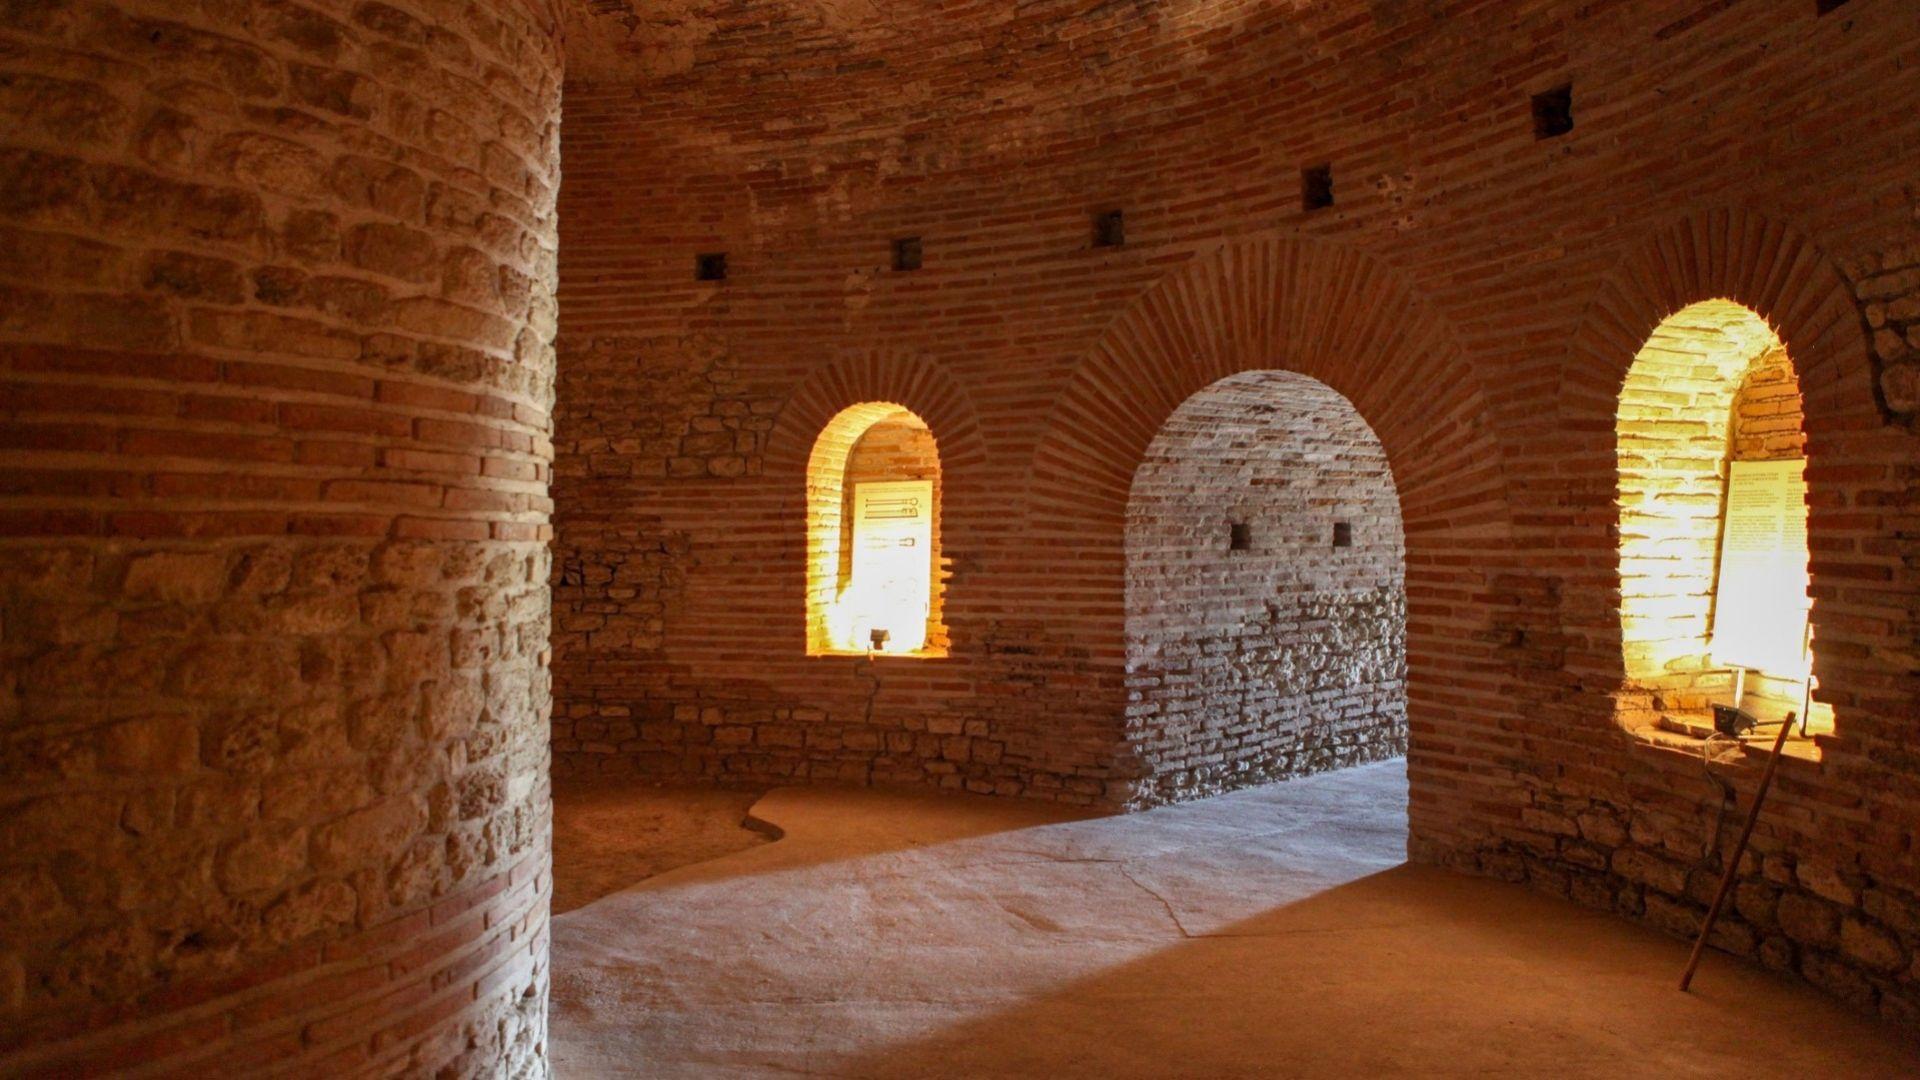 Кухата могила в Поморие: Тракийска гробница като никоя друга